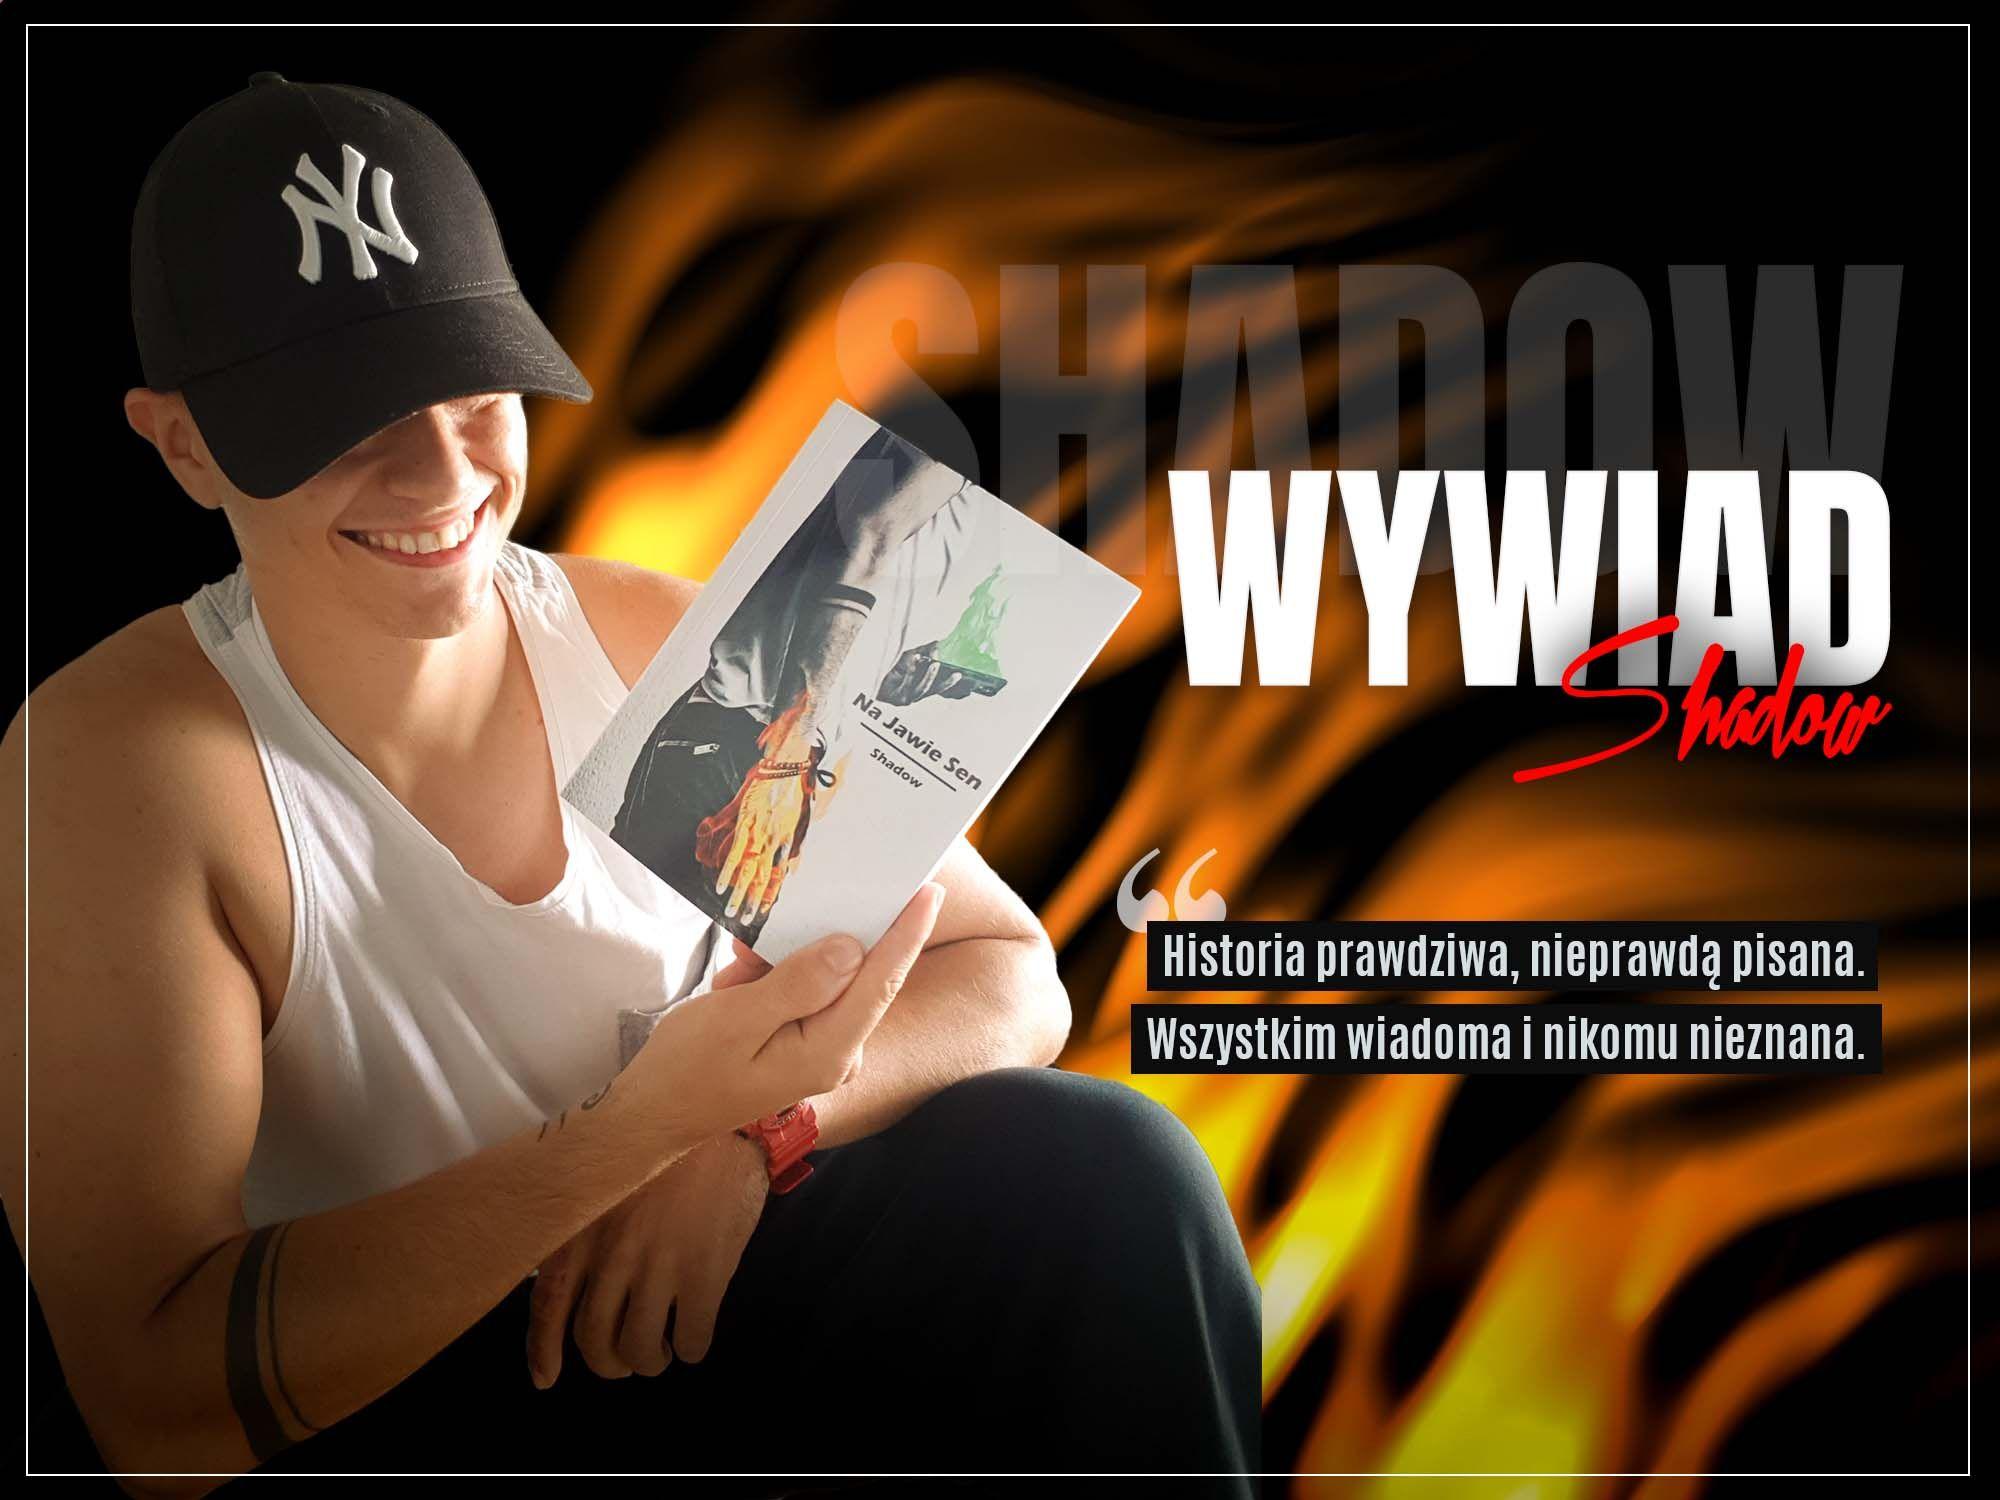 Wywiad Shadow,z aczytanyksiazkoholik.pl